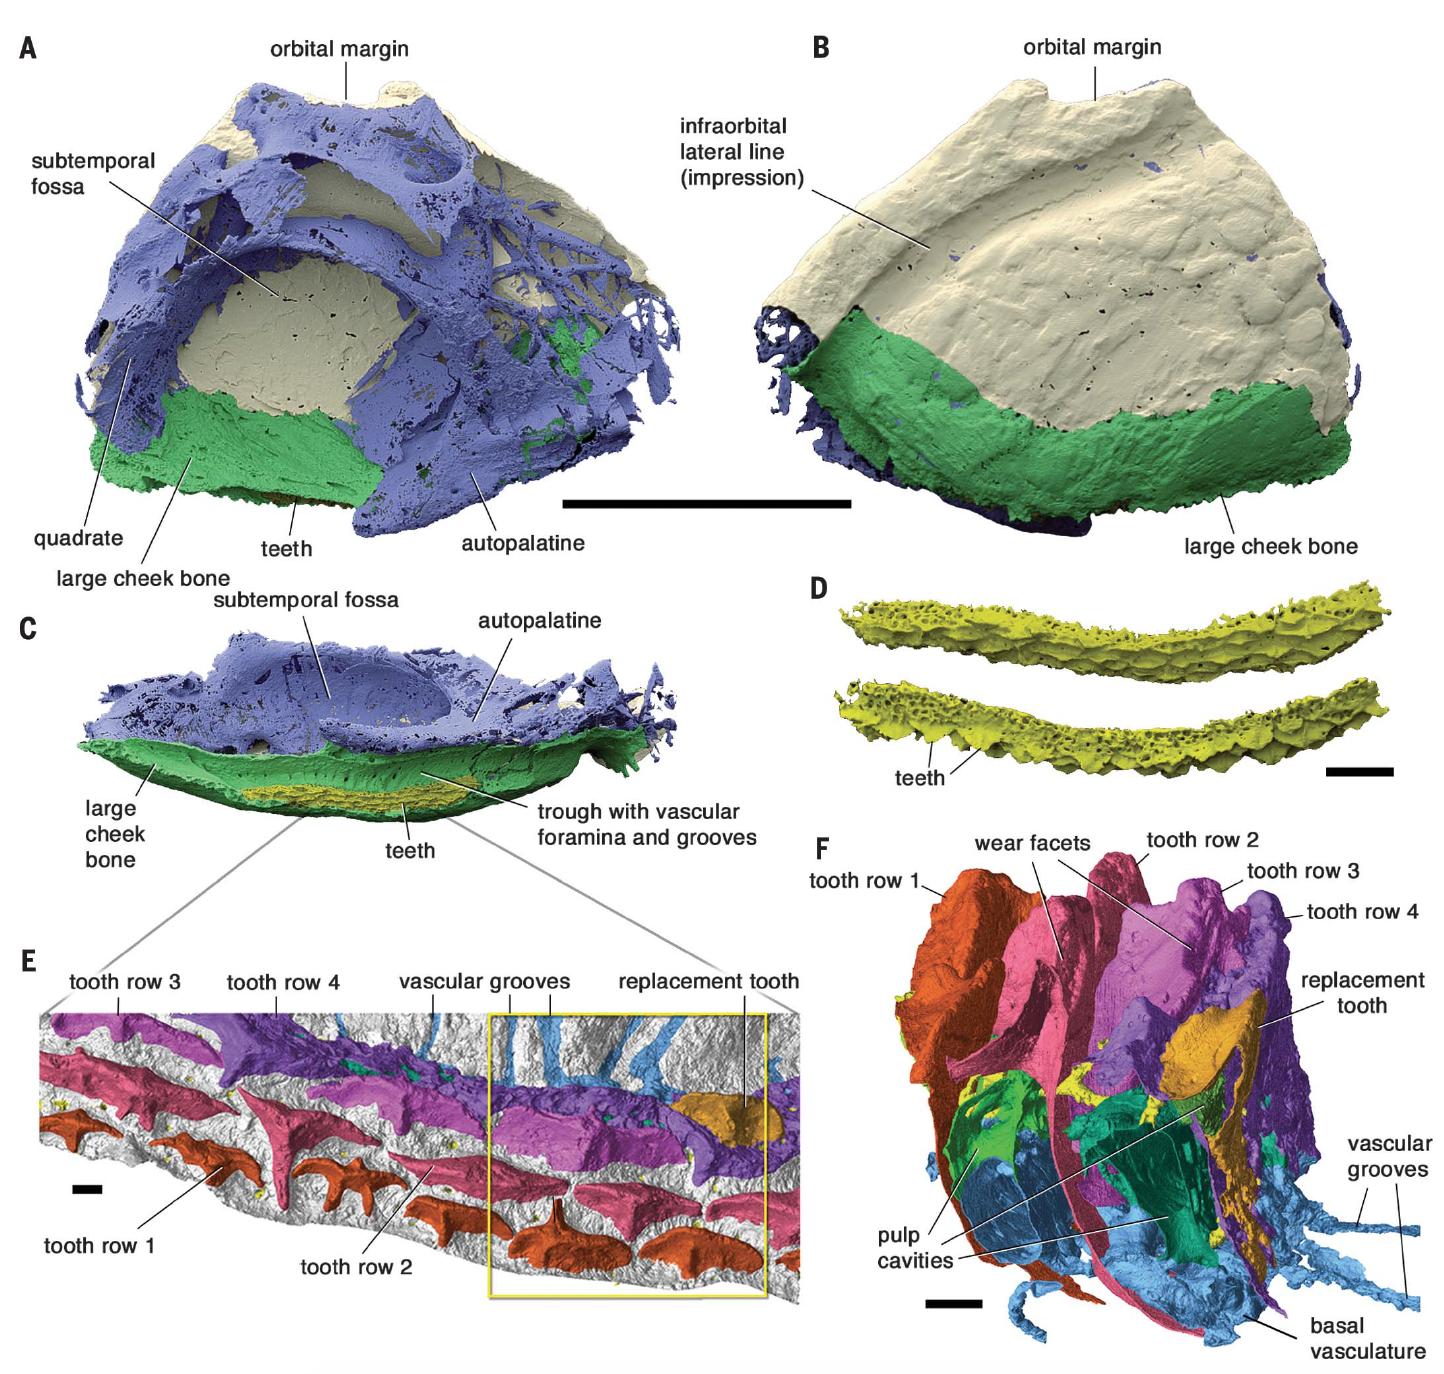 Забытая эволюция челюстей: от дунклеостея до человека - 5